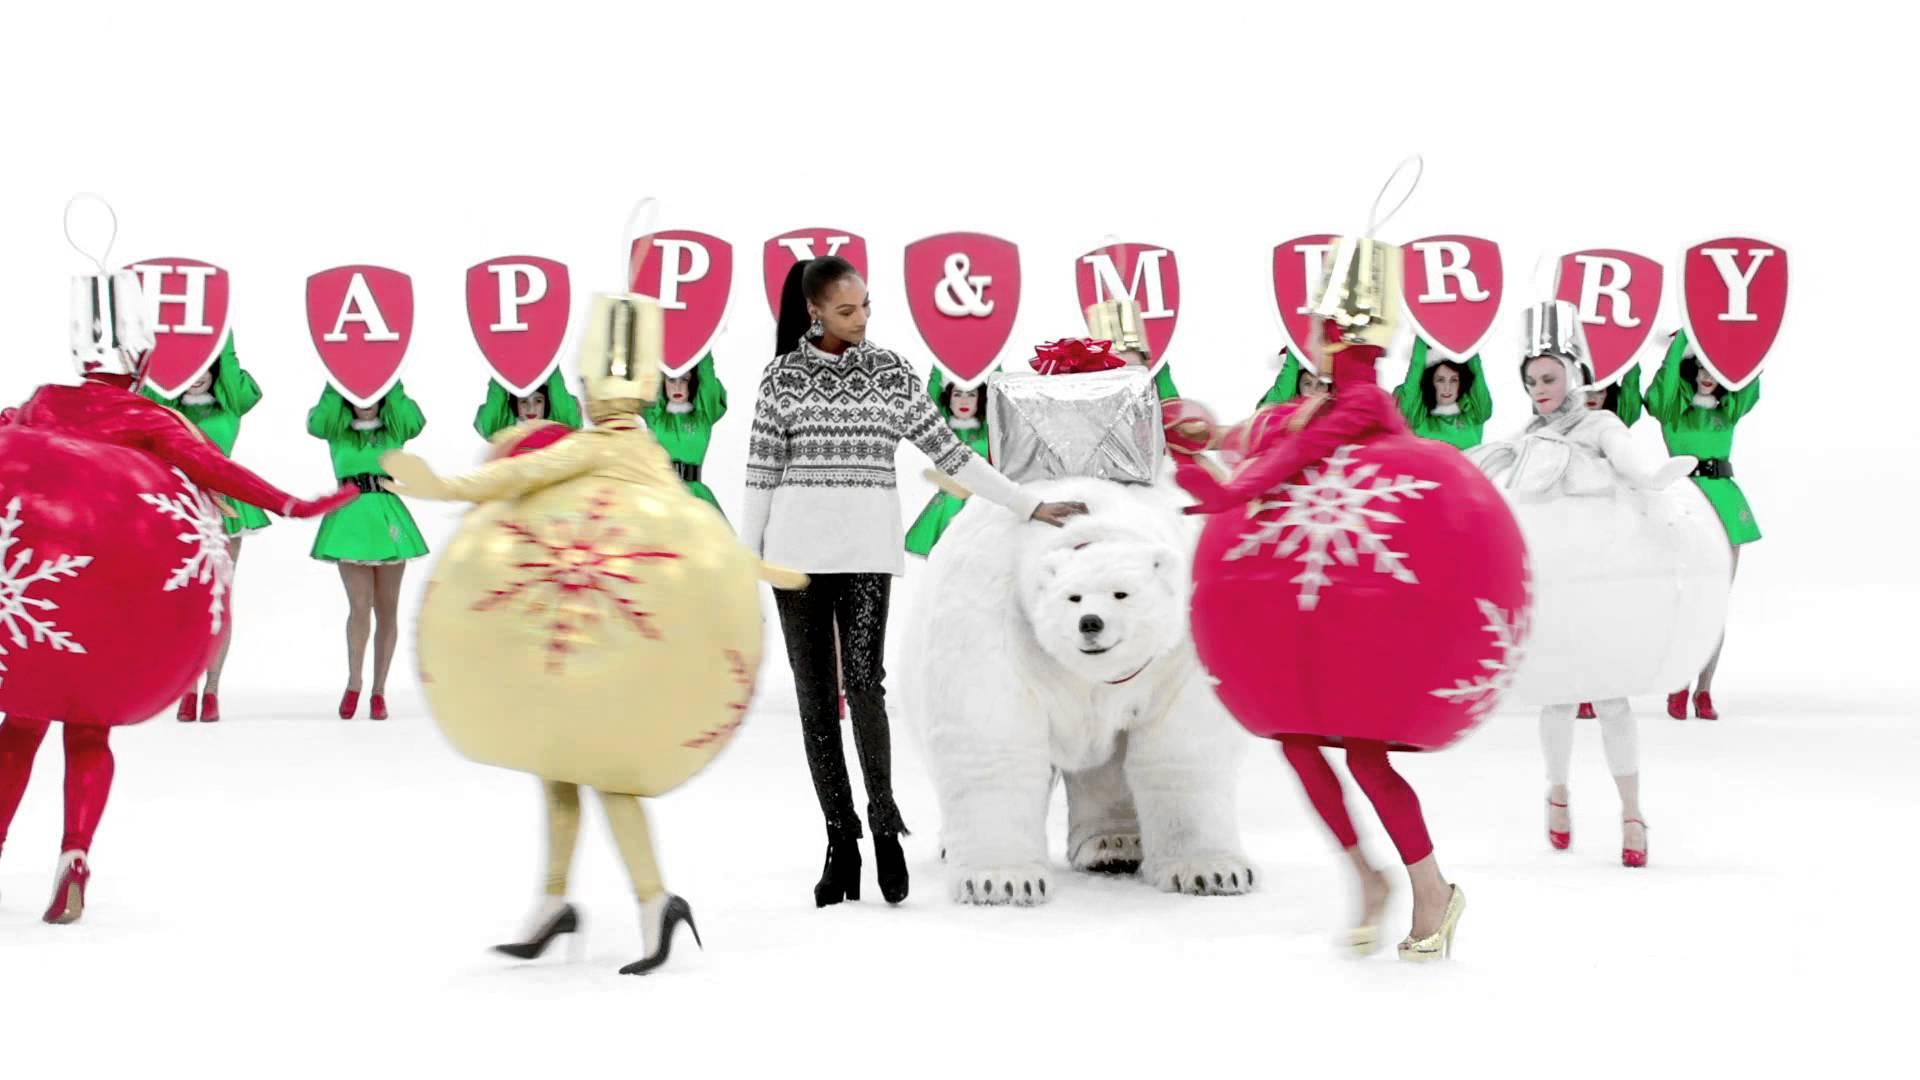 VIDEO: BLAGDANSKA KAMPANJA H&M-A Katy Perry u pomalo bizarnom božićnom spotu